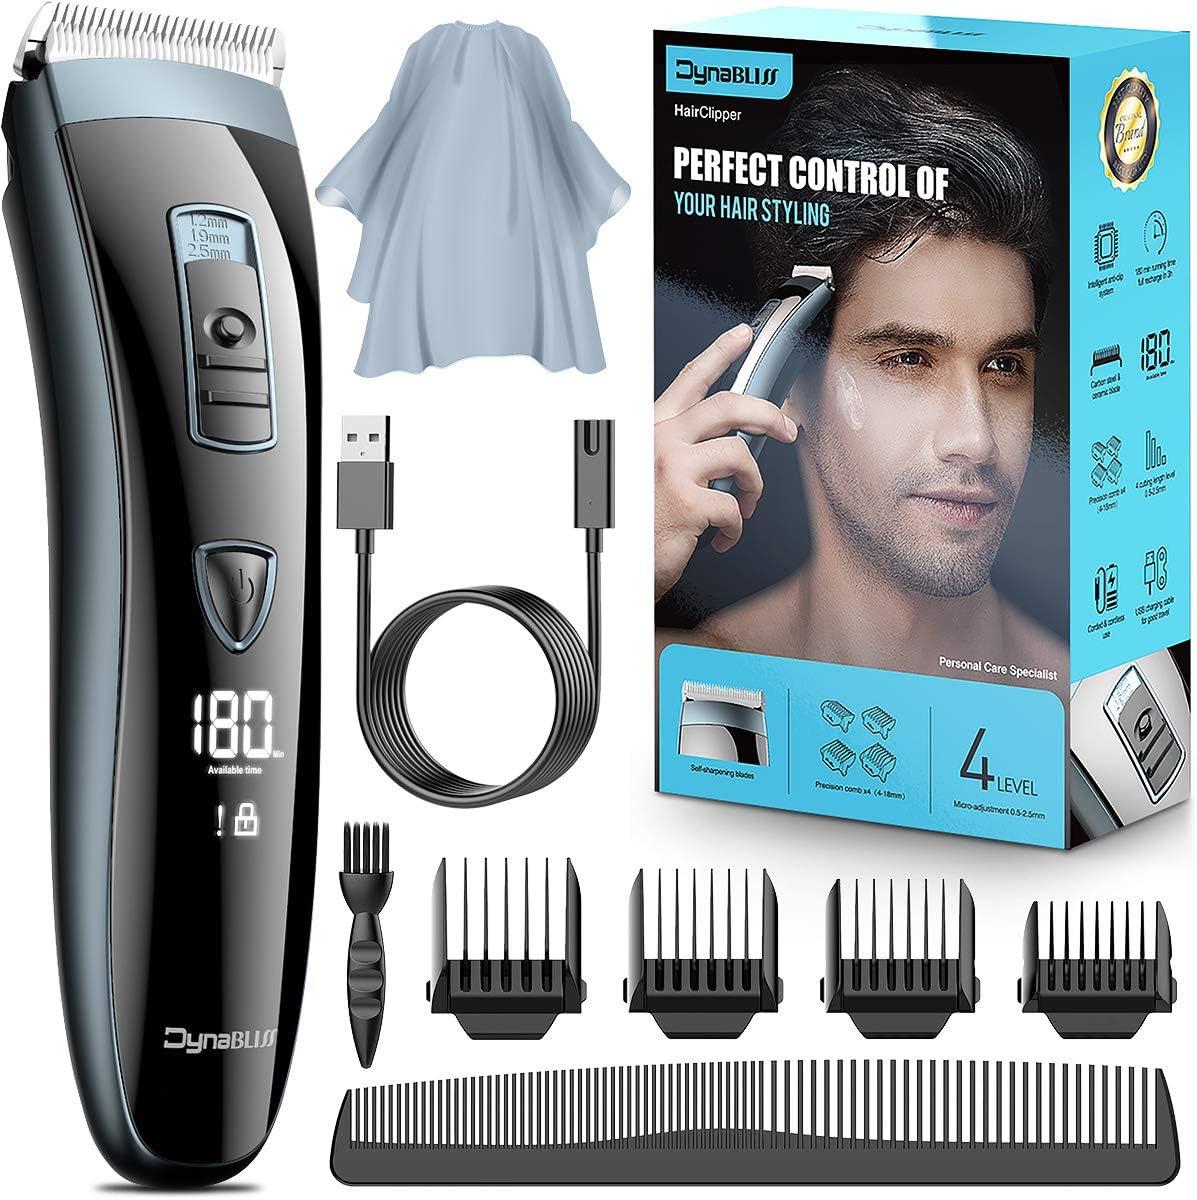 Maquina cortar pelo profesional, DynaBliss HG4100 maquina cortar pelo, kit para corte de cabello con carga USB, uso con cable o sin cable, ajuste de la longitud de corte